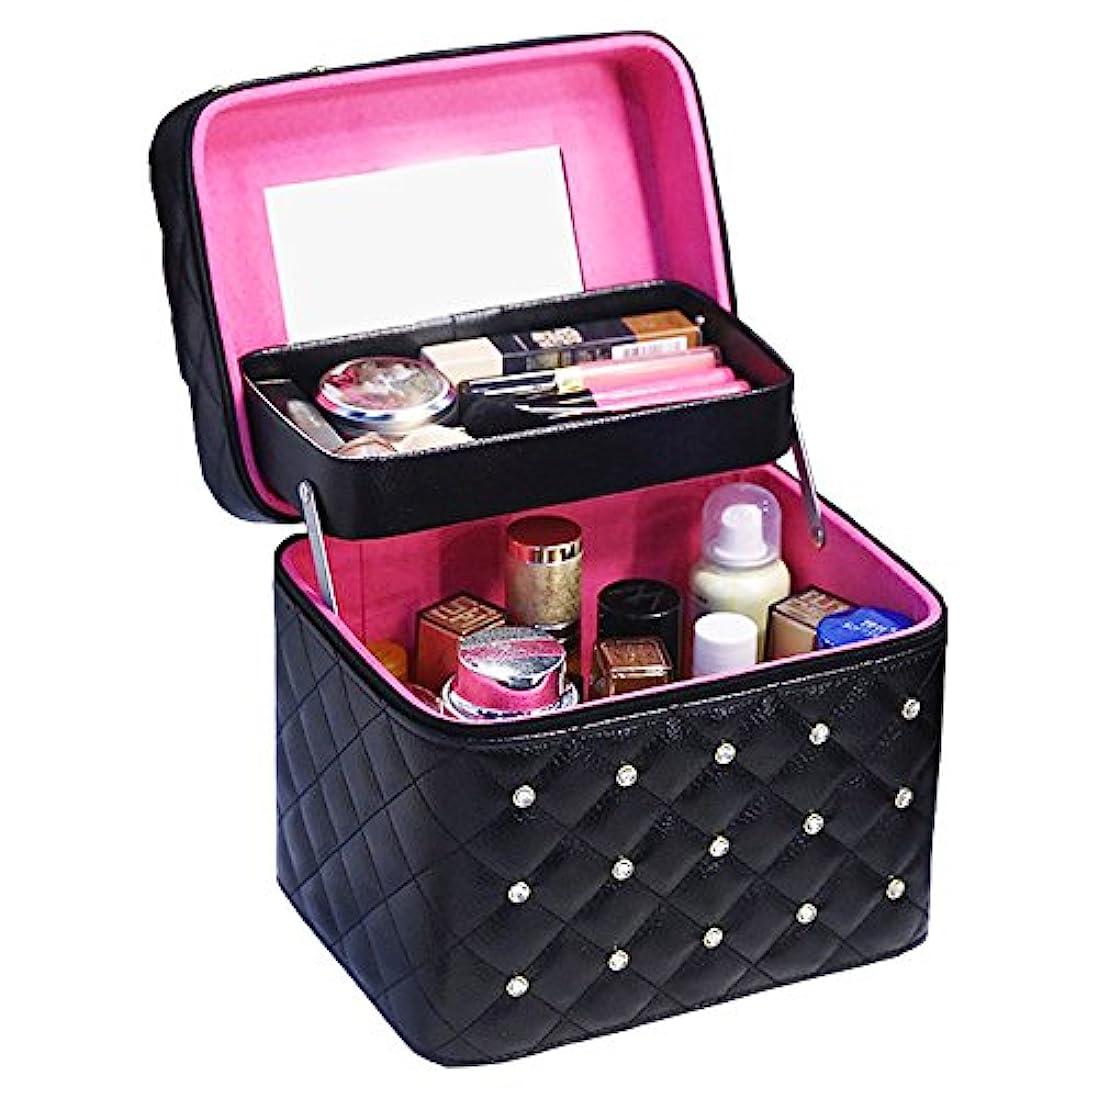 ピアースガジュマル印象Twinkle goods (ツインクルグッズ) メイクボックス コスメボックス 化粧品 収納 PUレザー お洒落なデザイン メイク道具をすっきり収納 携帯にも 2段タイプ